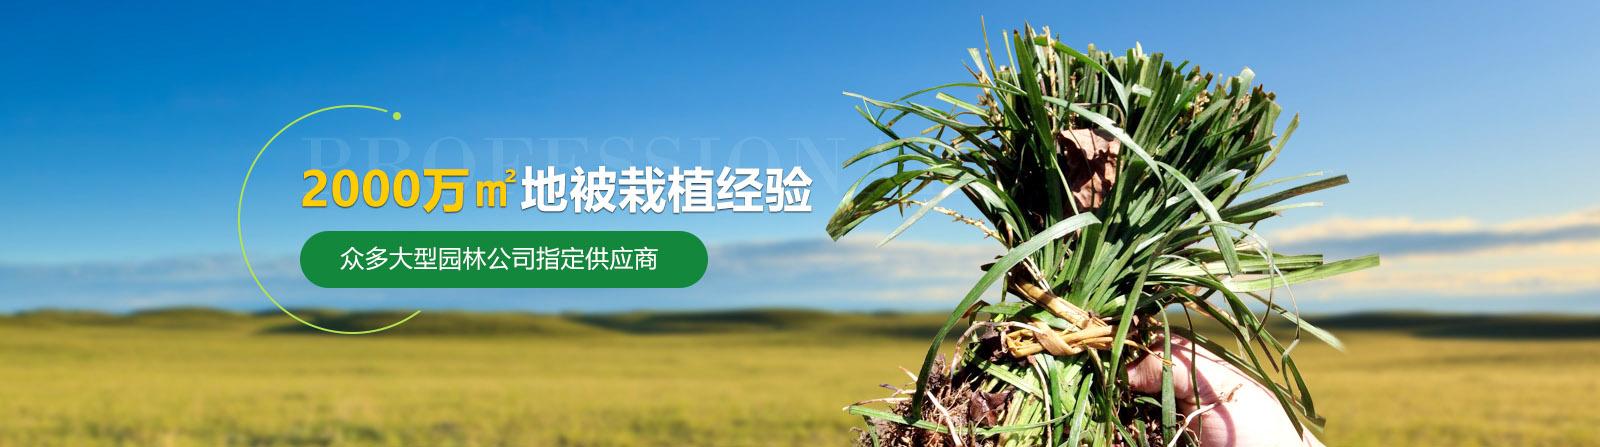 2000万平米栽植经验